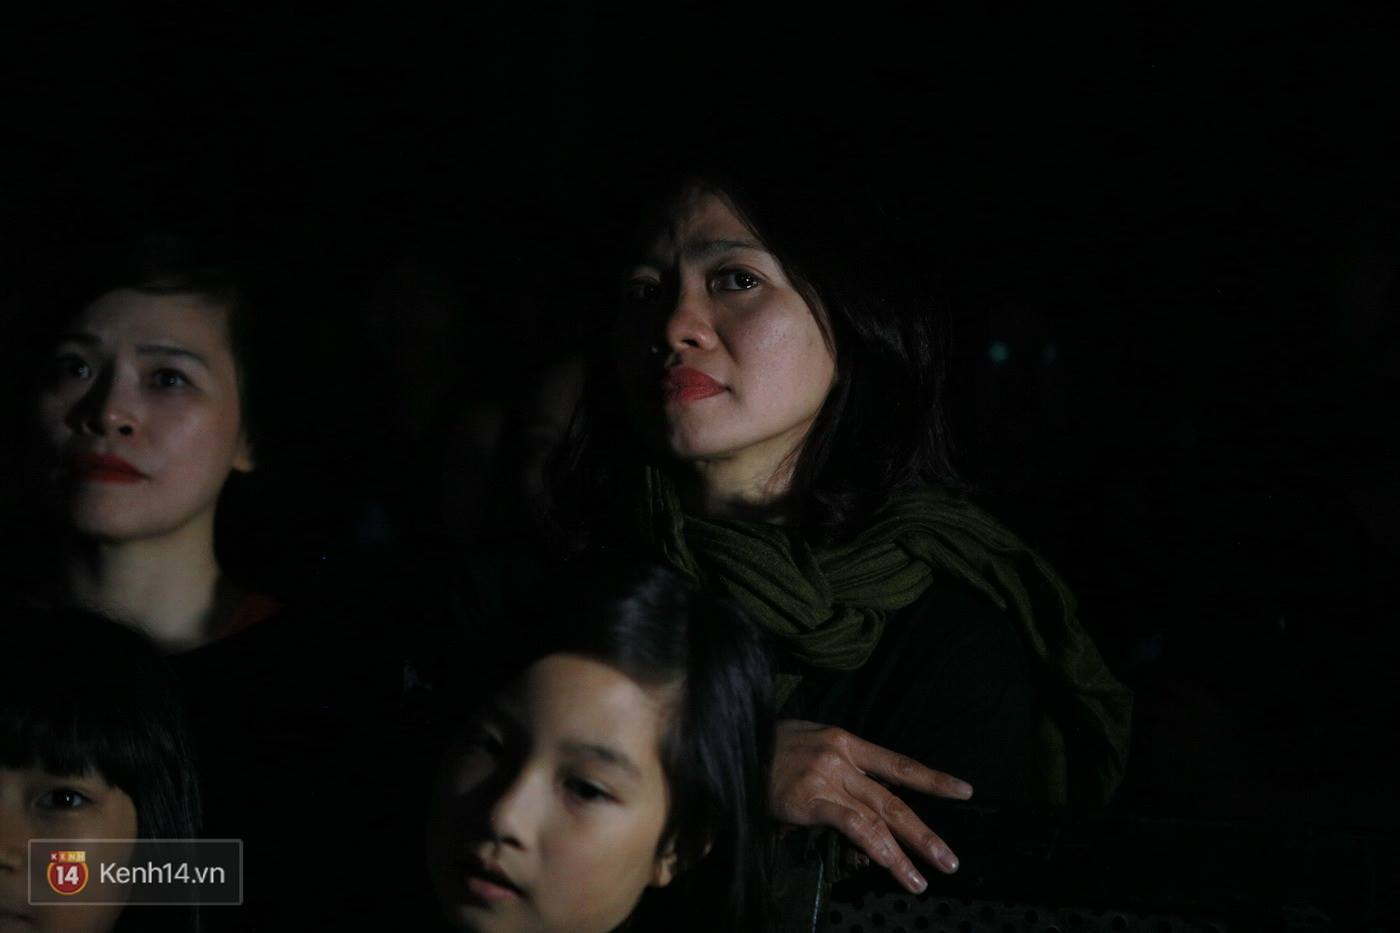 Vợ Trần Lập nghẹn ngào khi giọng chồng cất lên trong ca khúc Mắt đen - Ảnh 27.